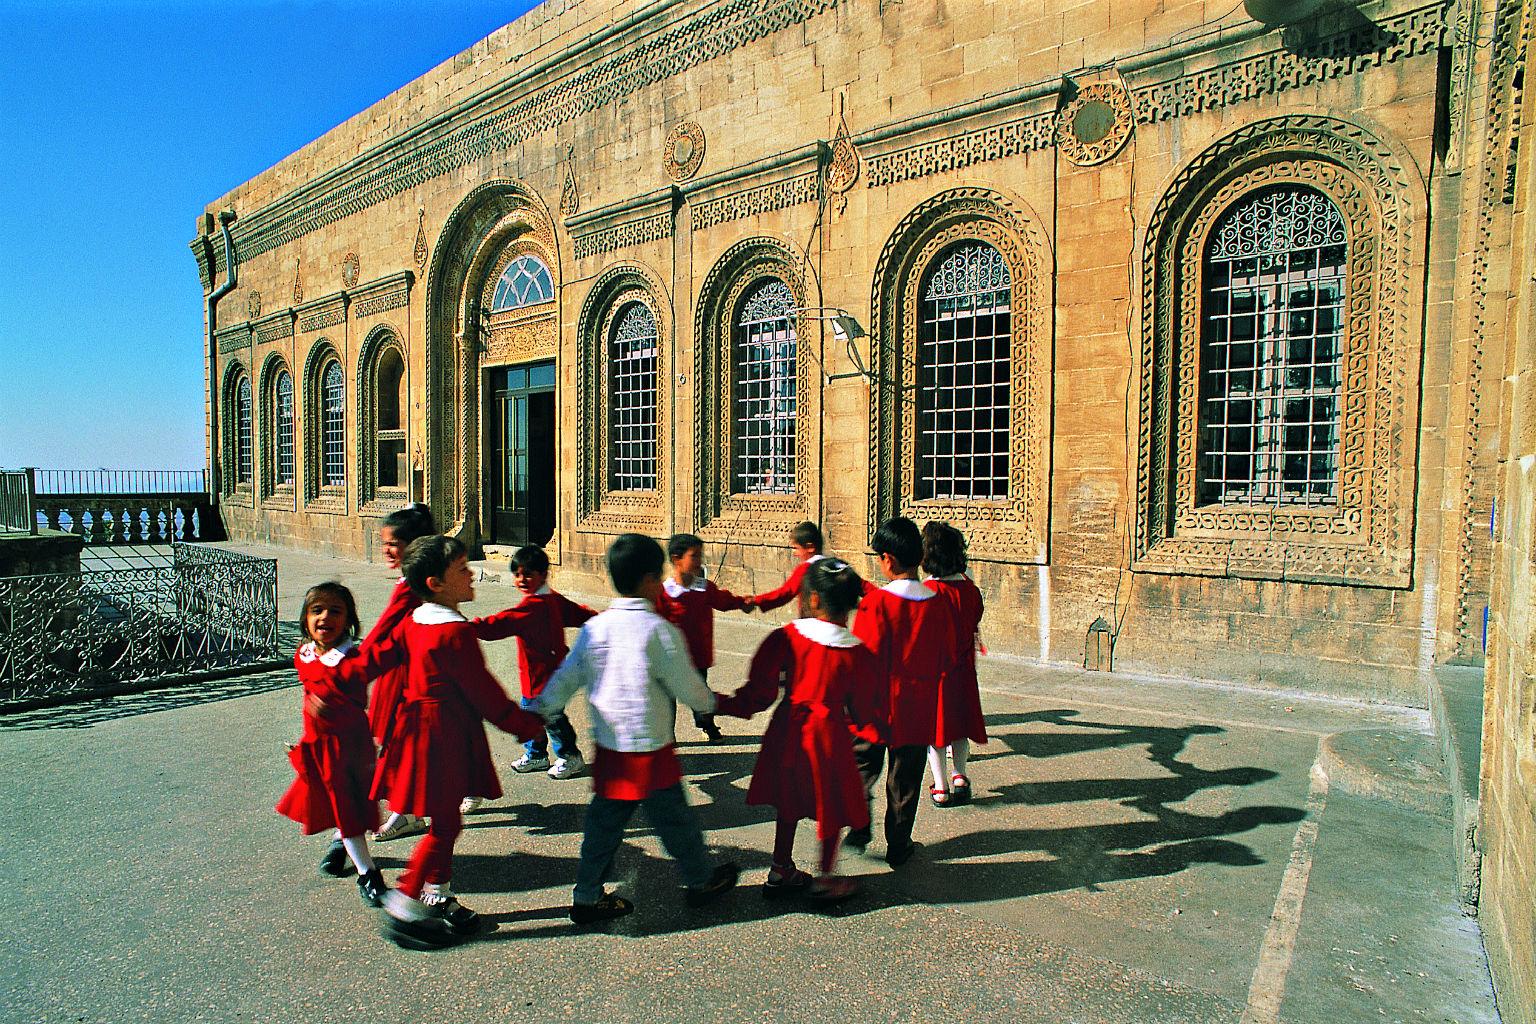 Mardin Gezilecek Yerler - Tarihi Mekanlar